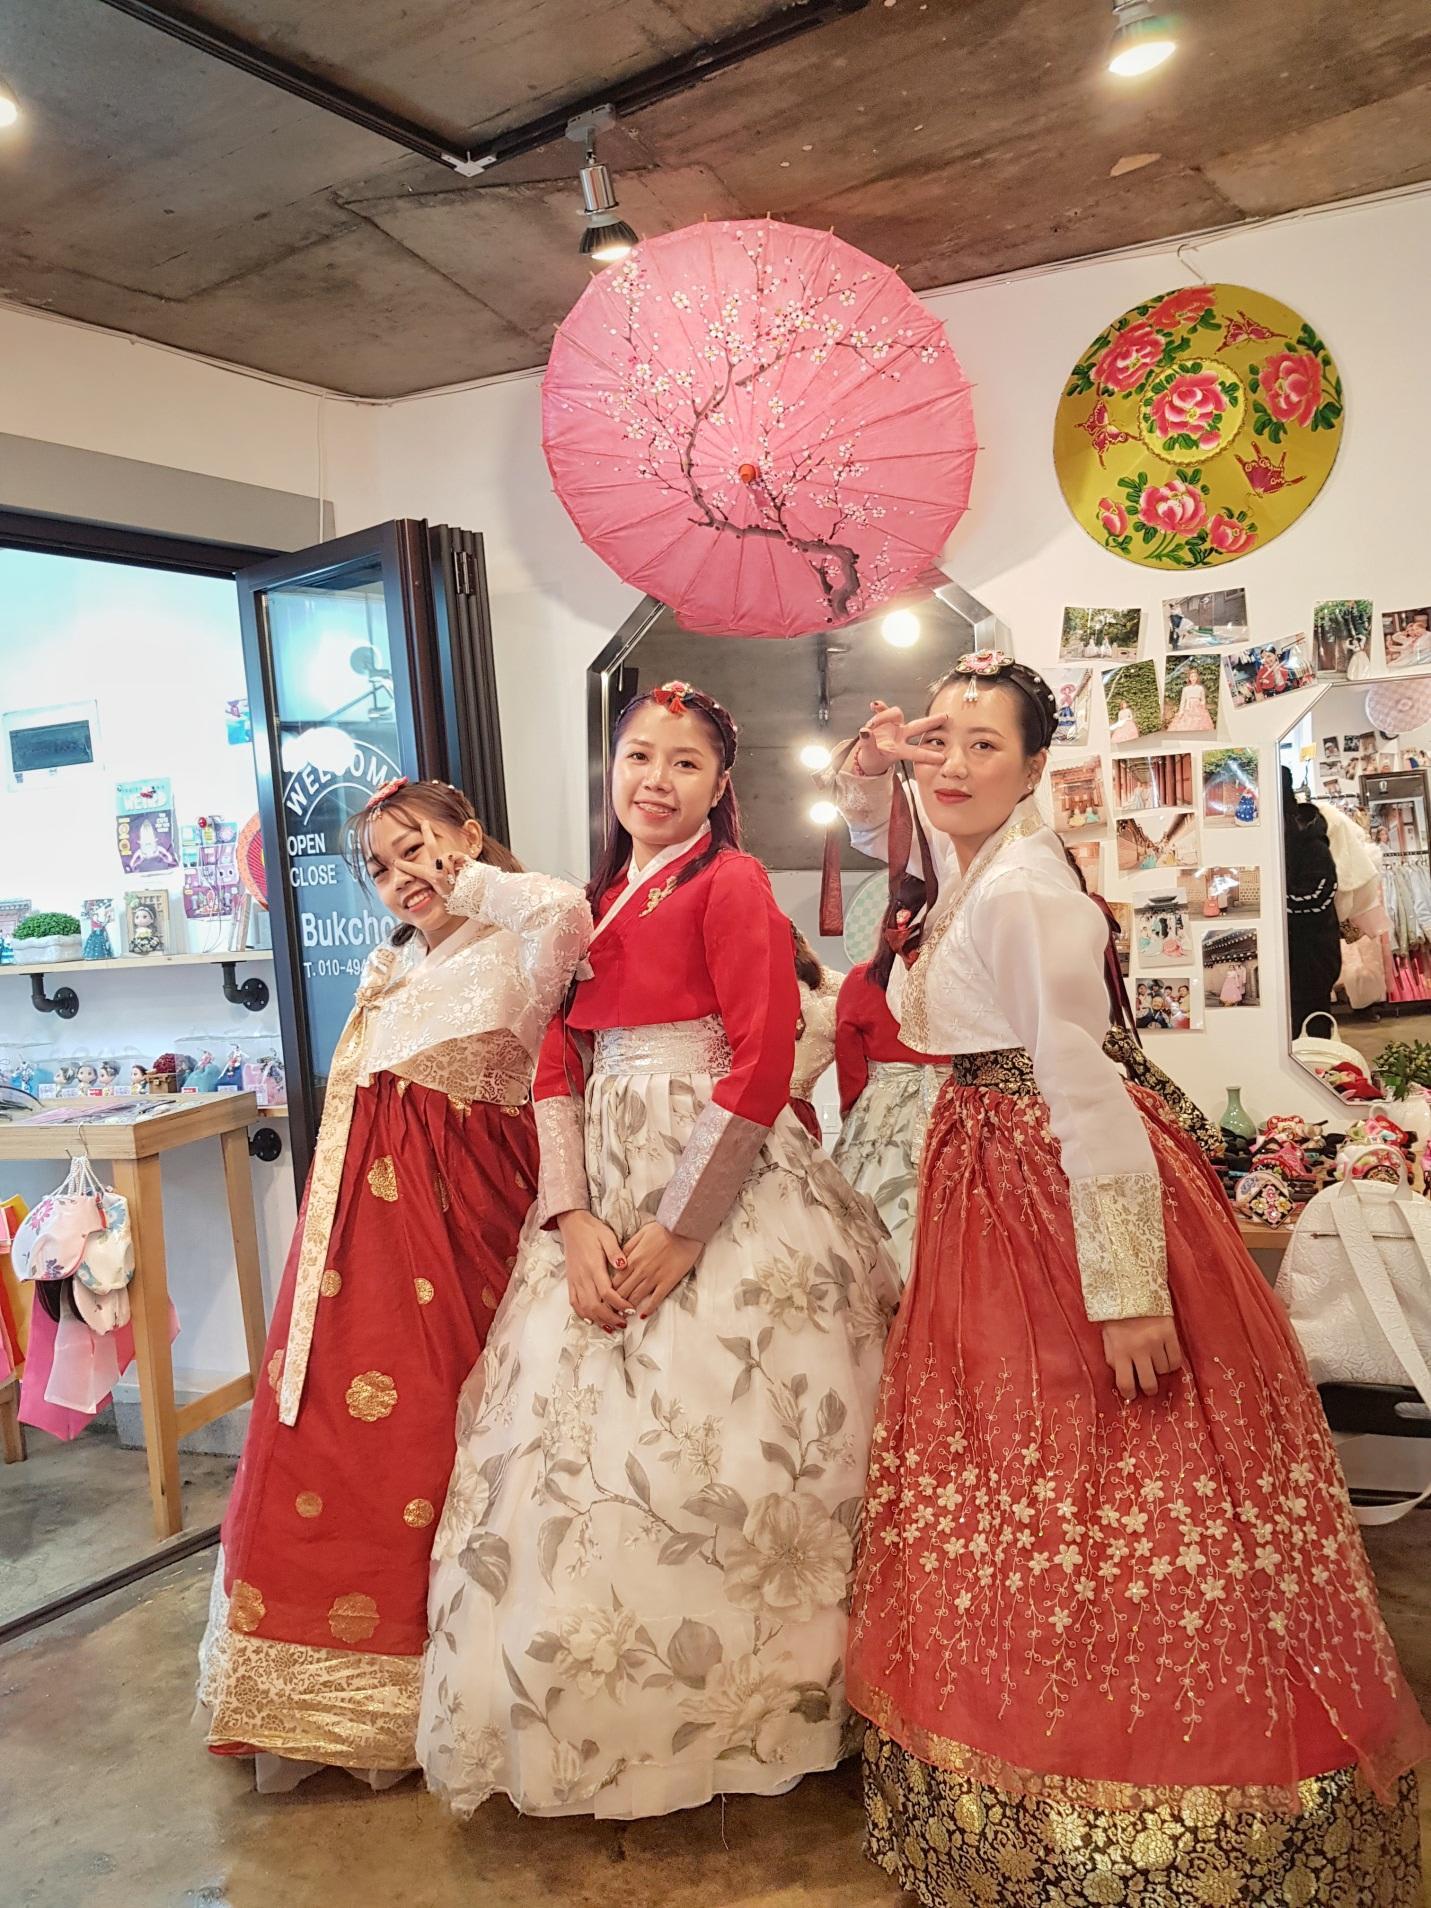 thuê kimono tại làng cổ buchon